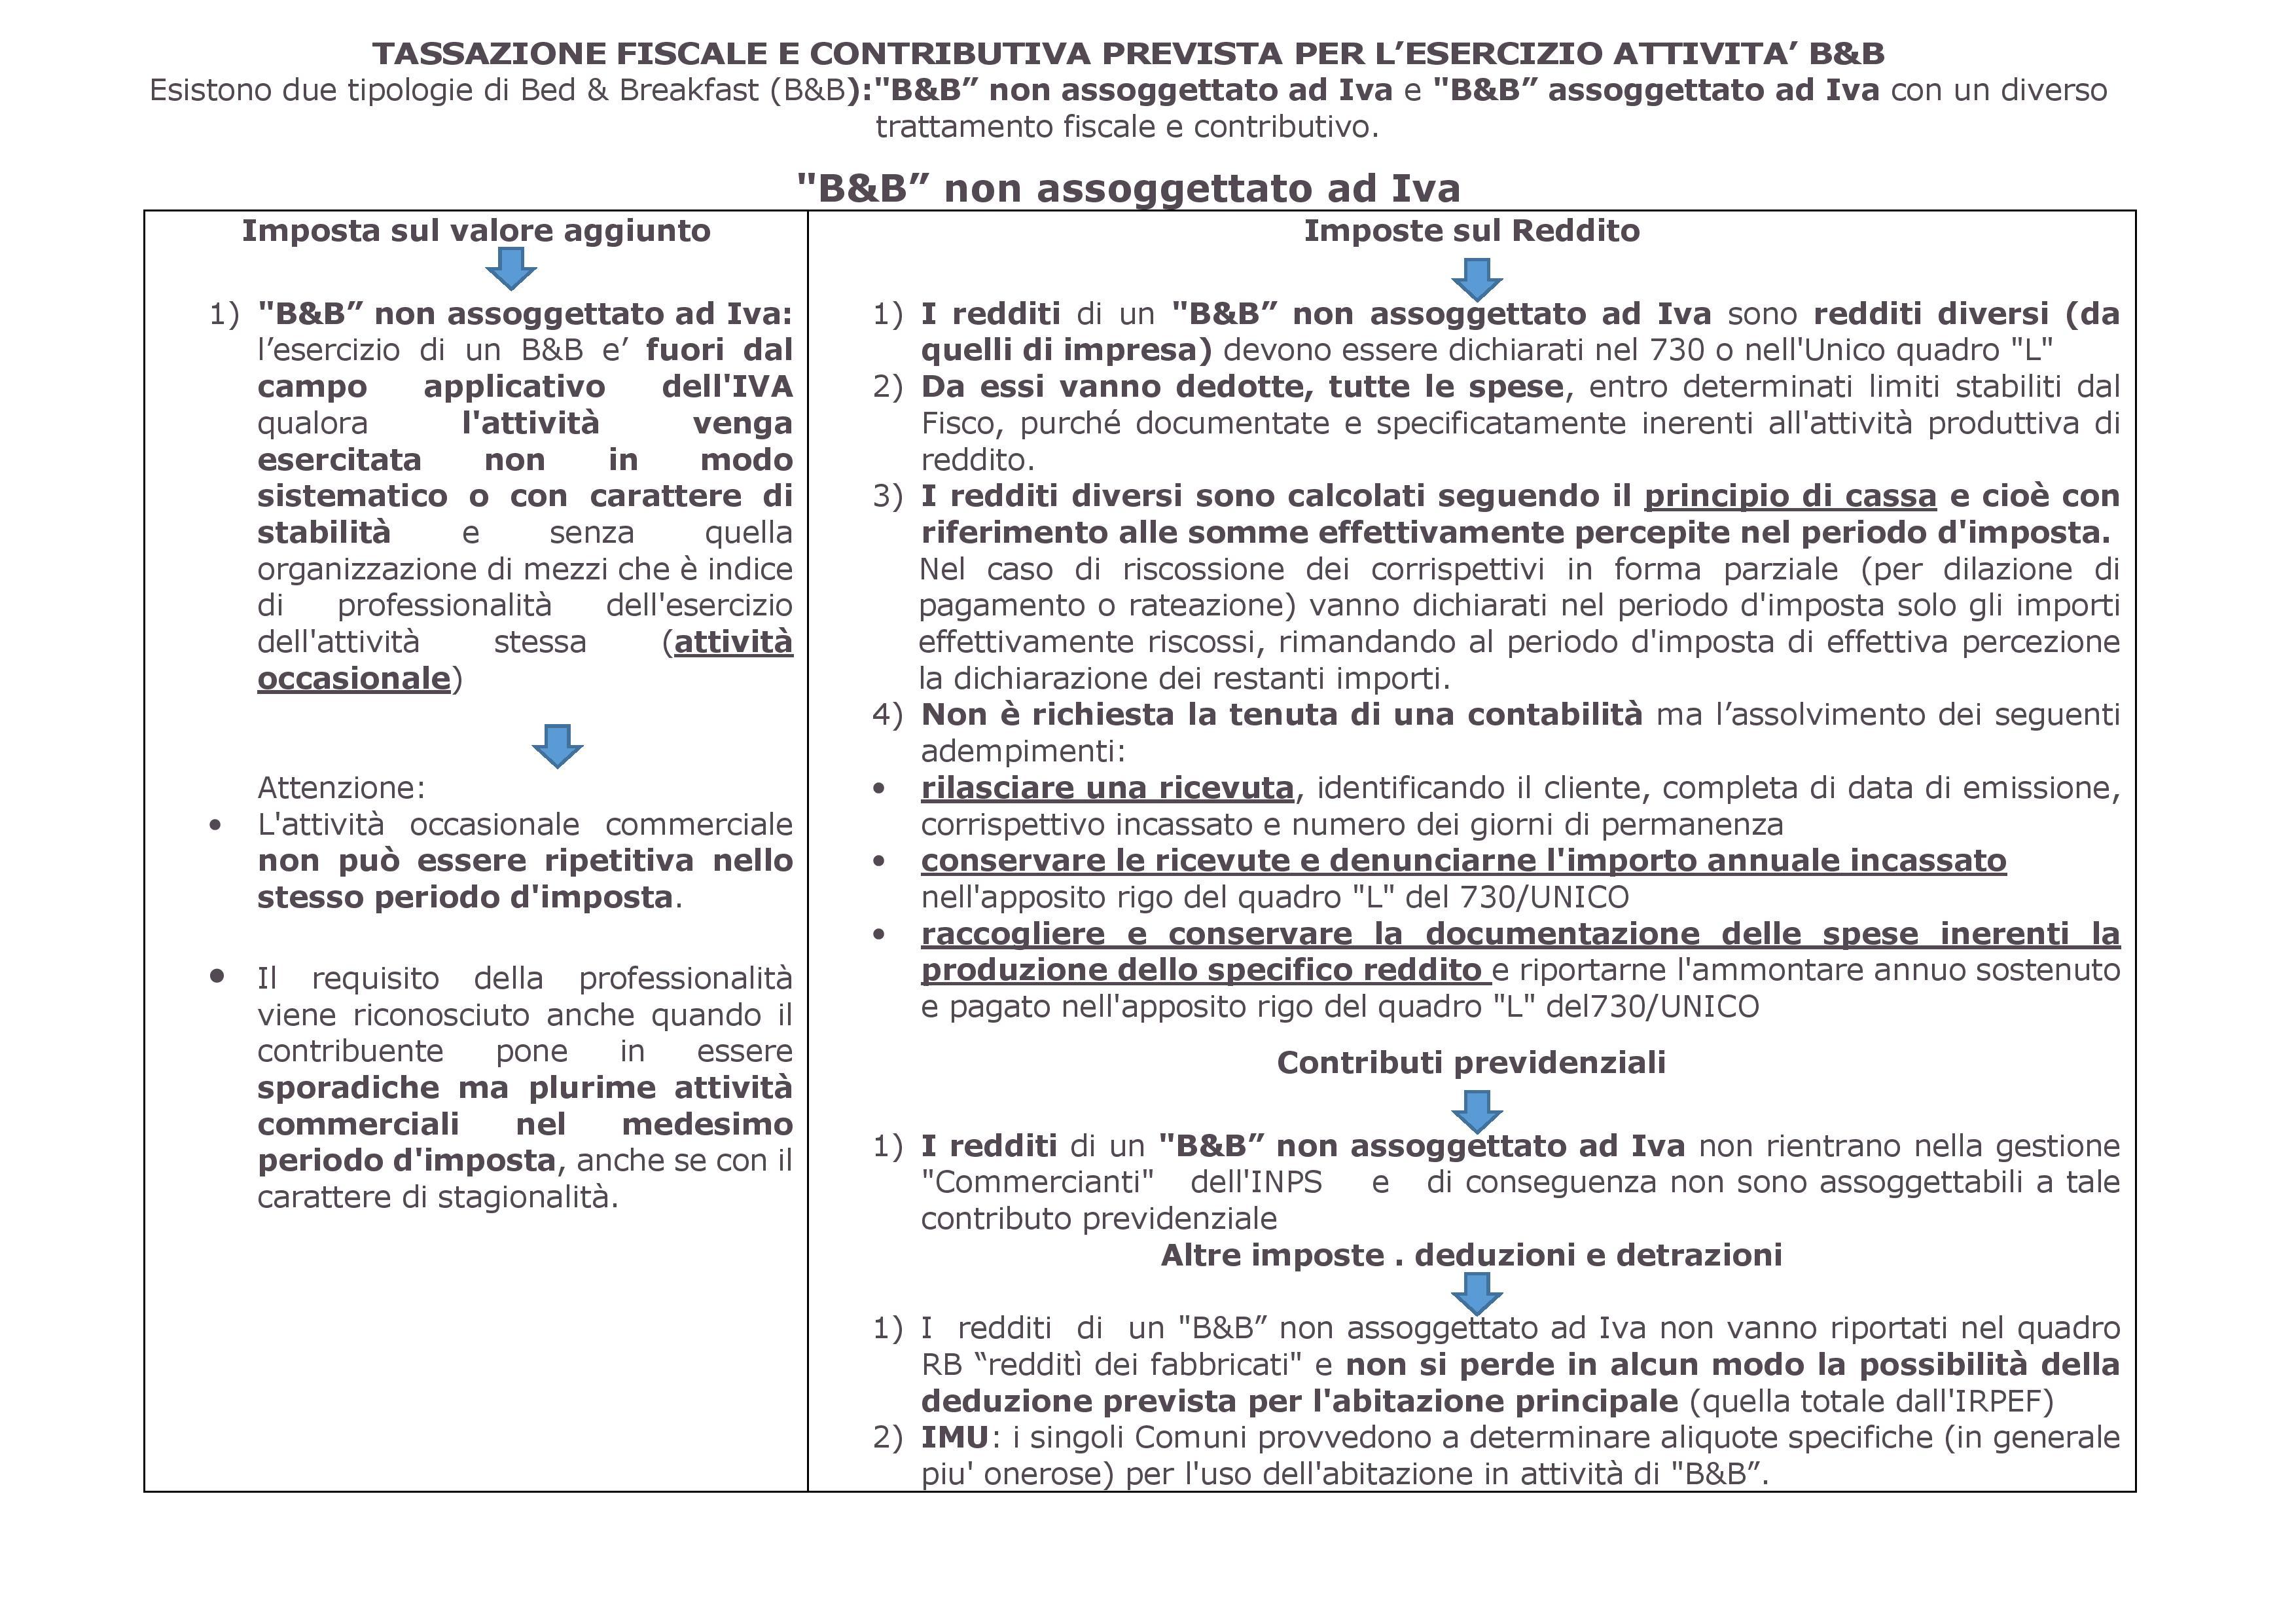 TASSAZIONE FISCALE E CONTRIBUTIVA - SENZA IVA Tassazione fiscale e contributiva - senza iva